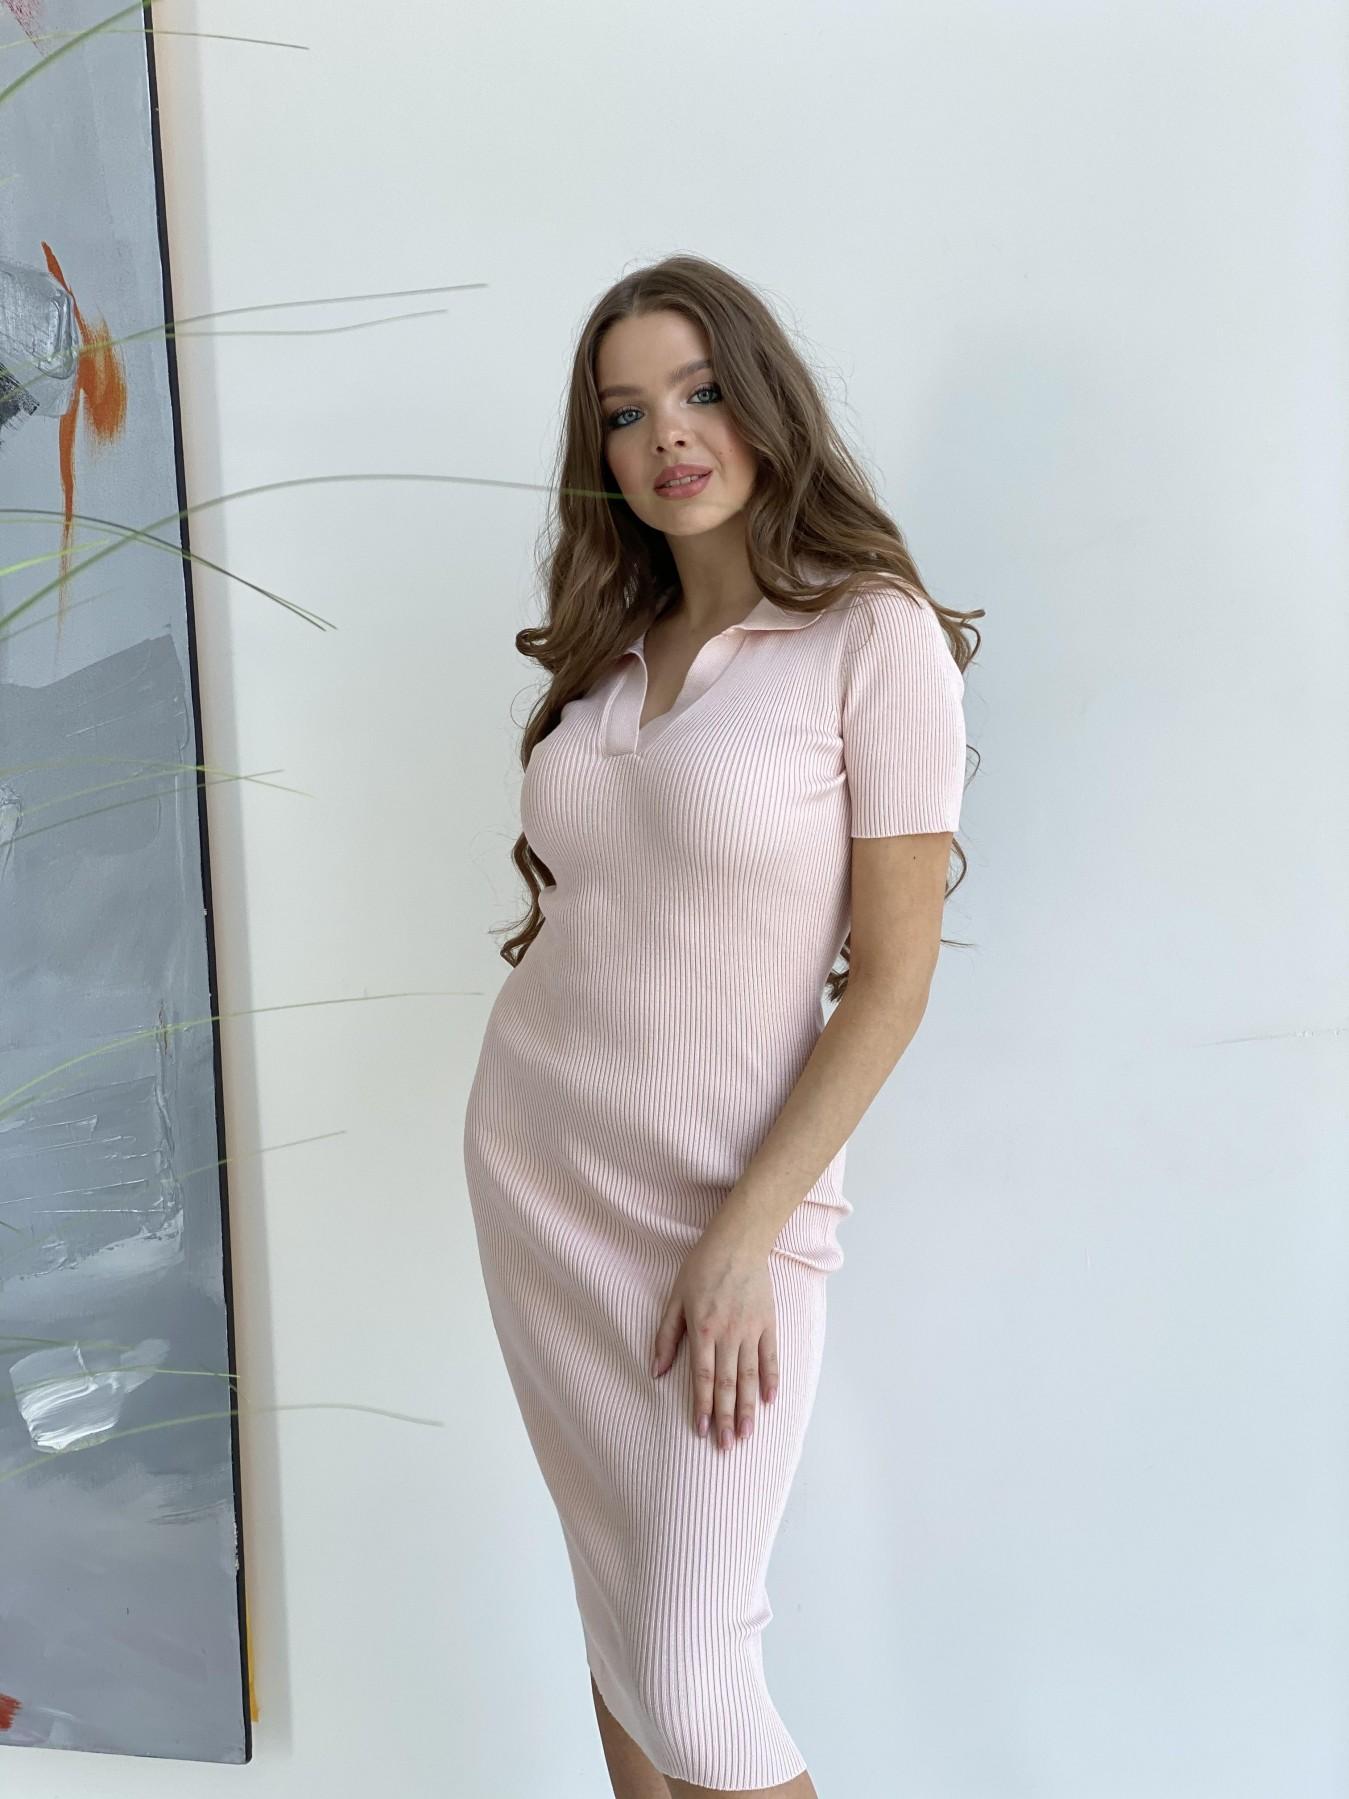 Платье воротник 91688 АРТ. 48070 Цвет: Пудра 2 - фото 4, интернет магазин tm-modus.ru